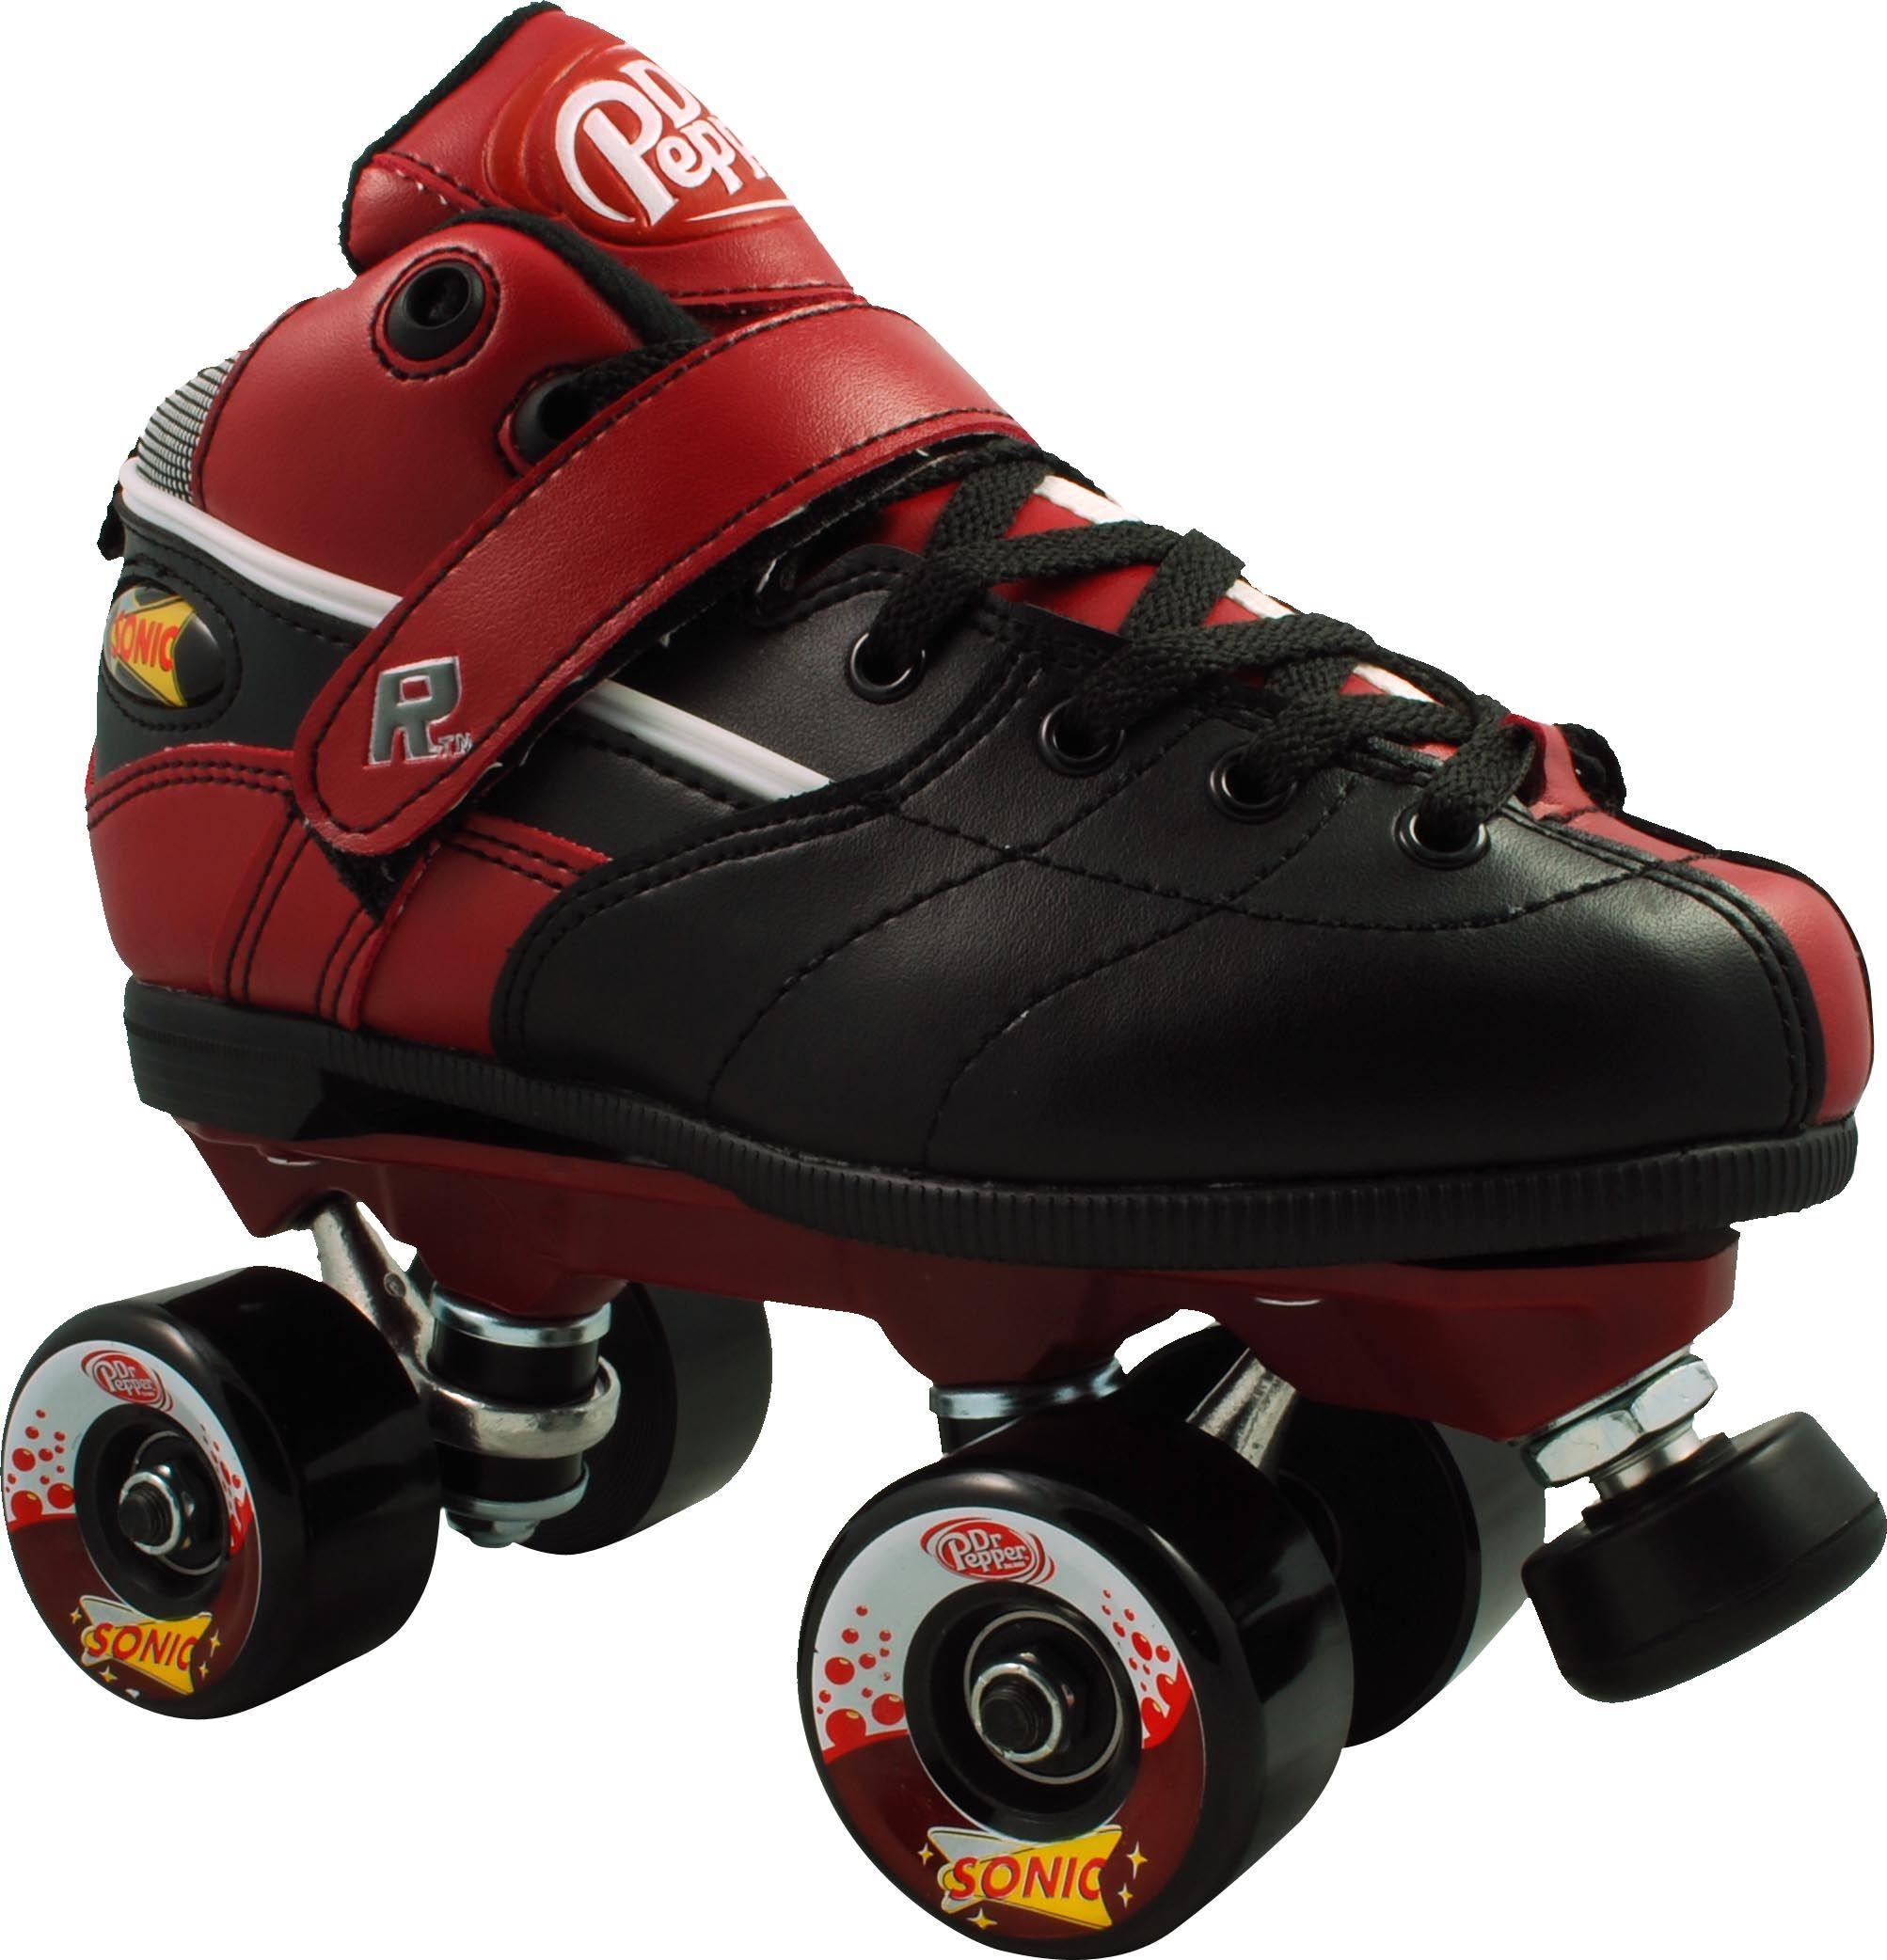 Dr Pepper Skates So Awesome Outdoor Roller Skates Skate Man Roller Skates